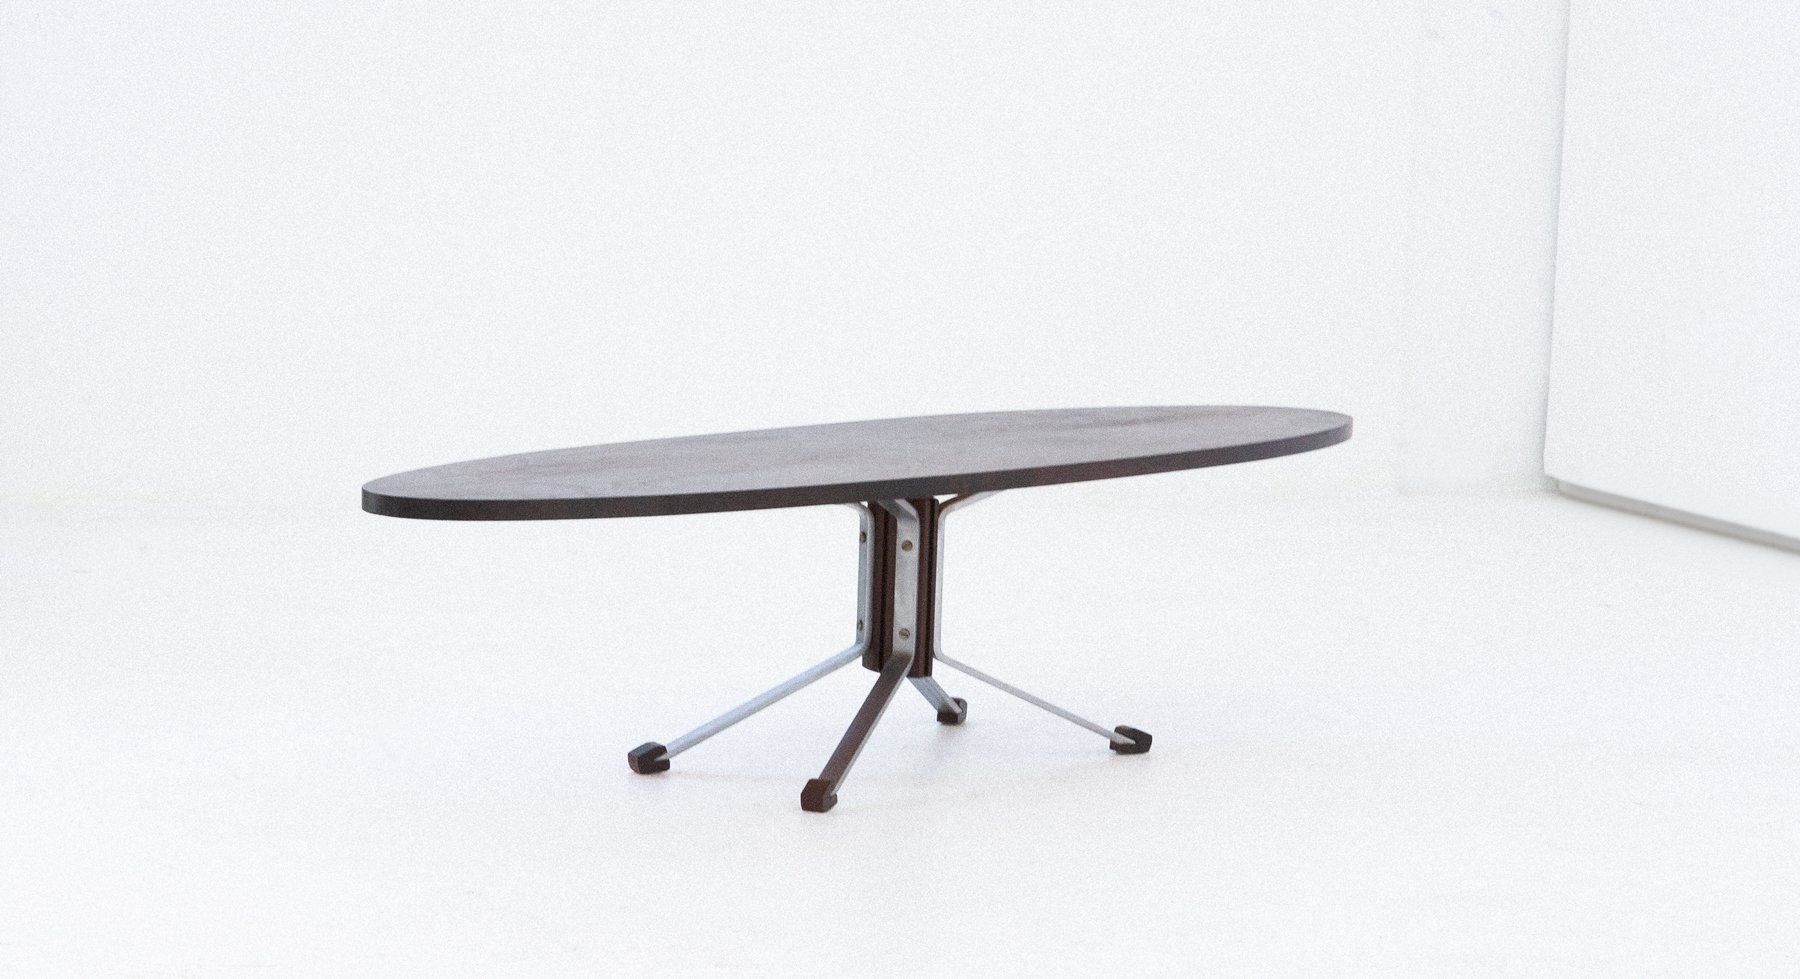 grande table ovale mid century italie1960s - Grande Table Ovale